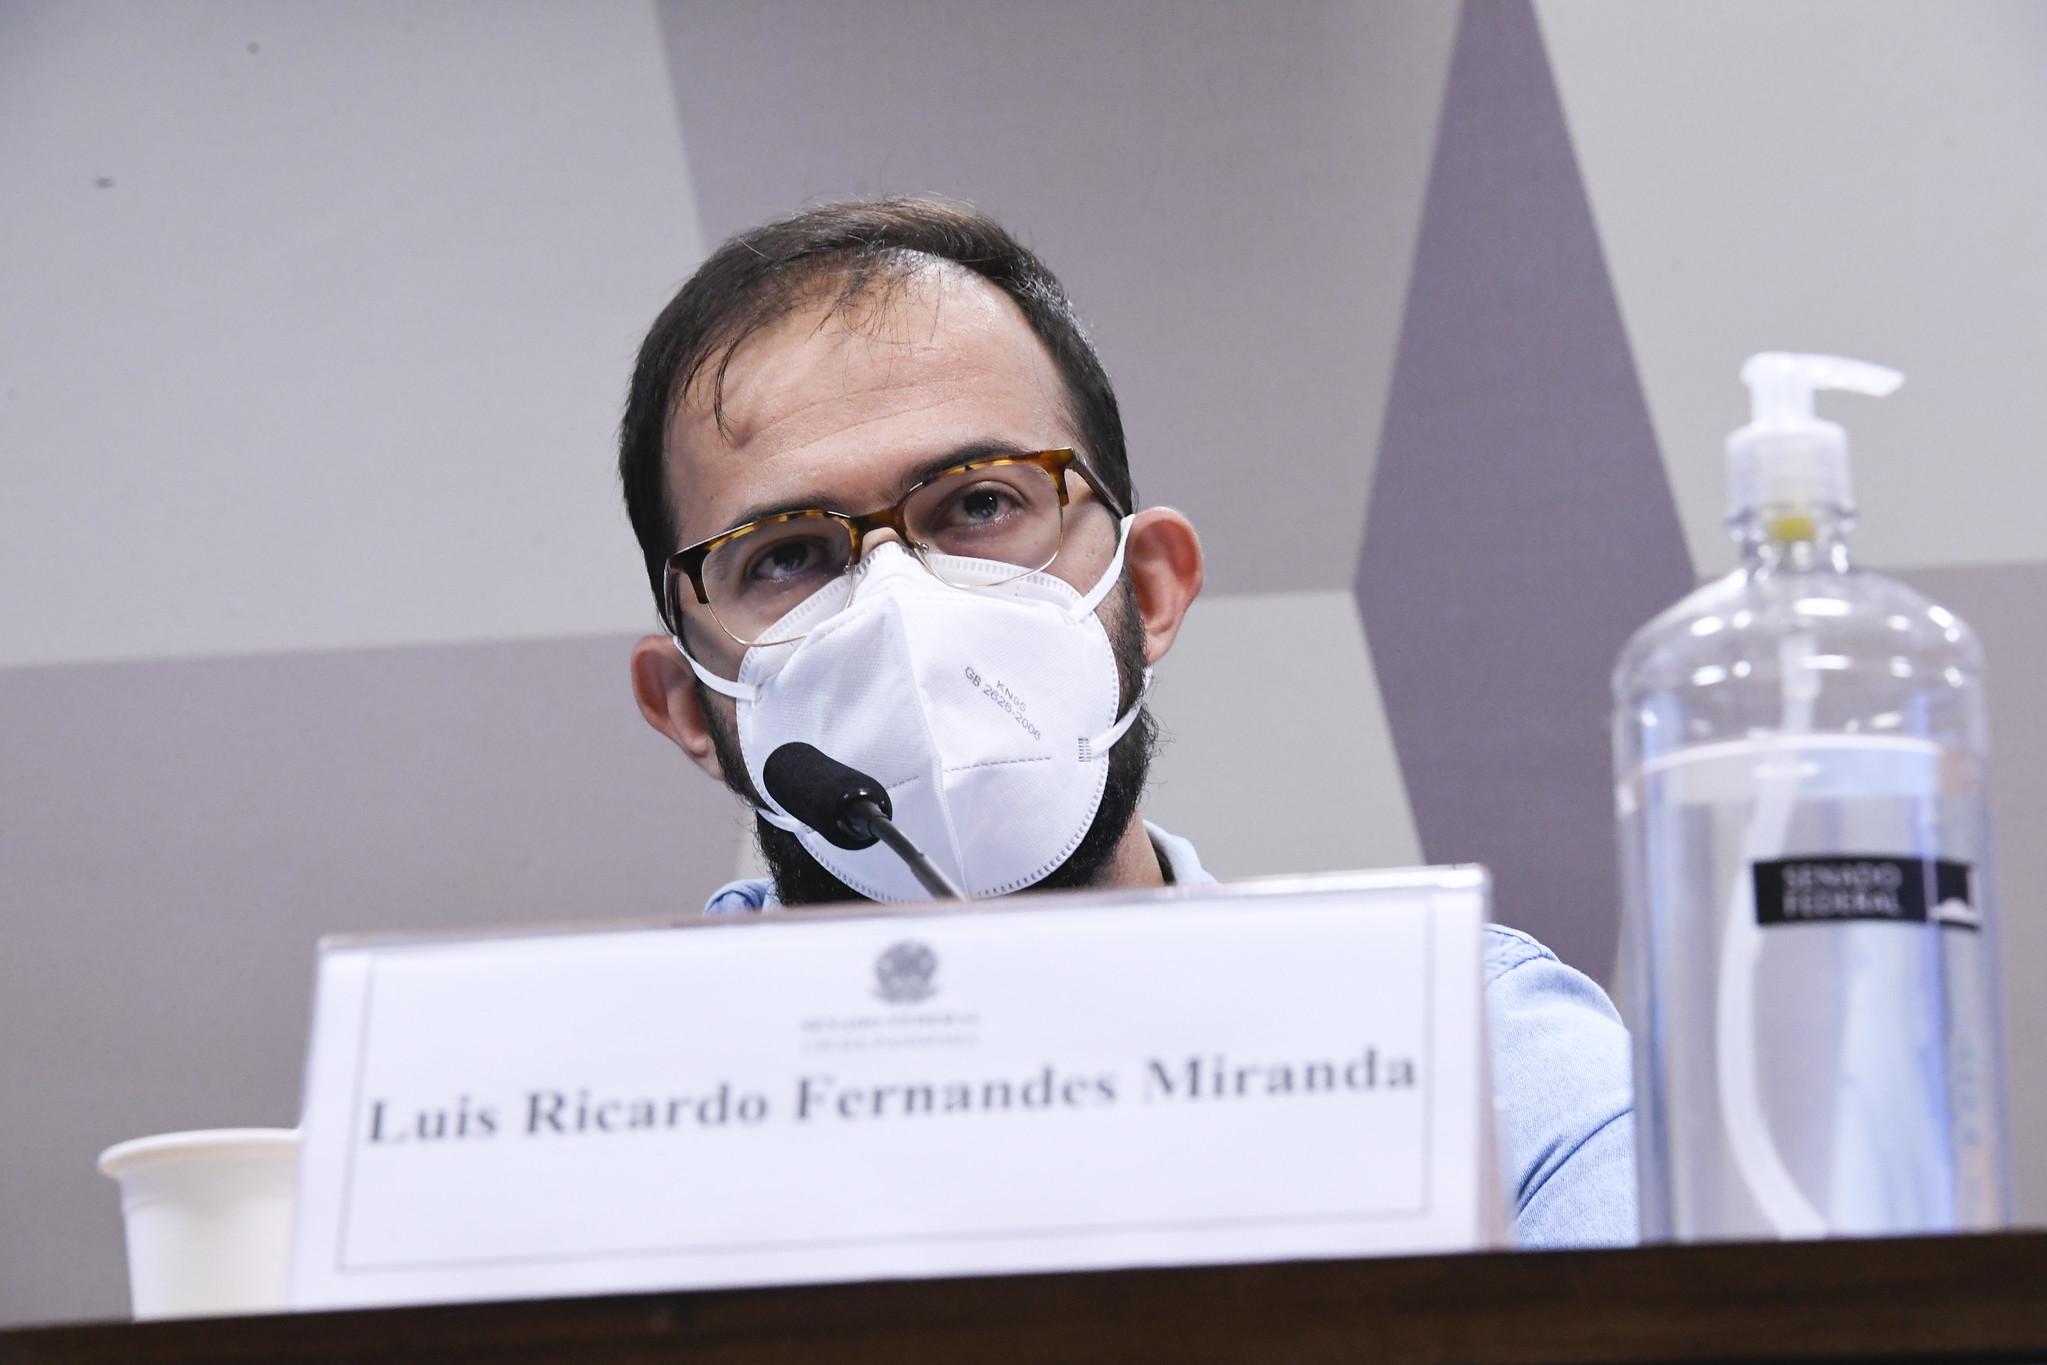 """IMAGEM: Em mensagens, irmão de Miranda descreve """"pressão louca"""" sobre Covaxin"""